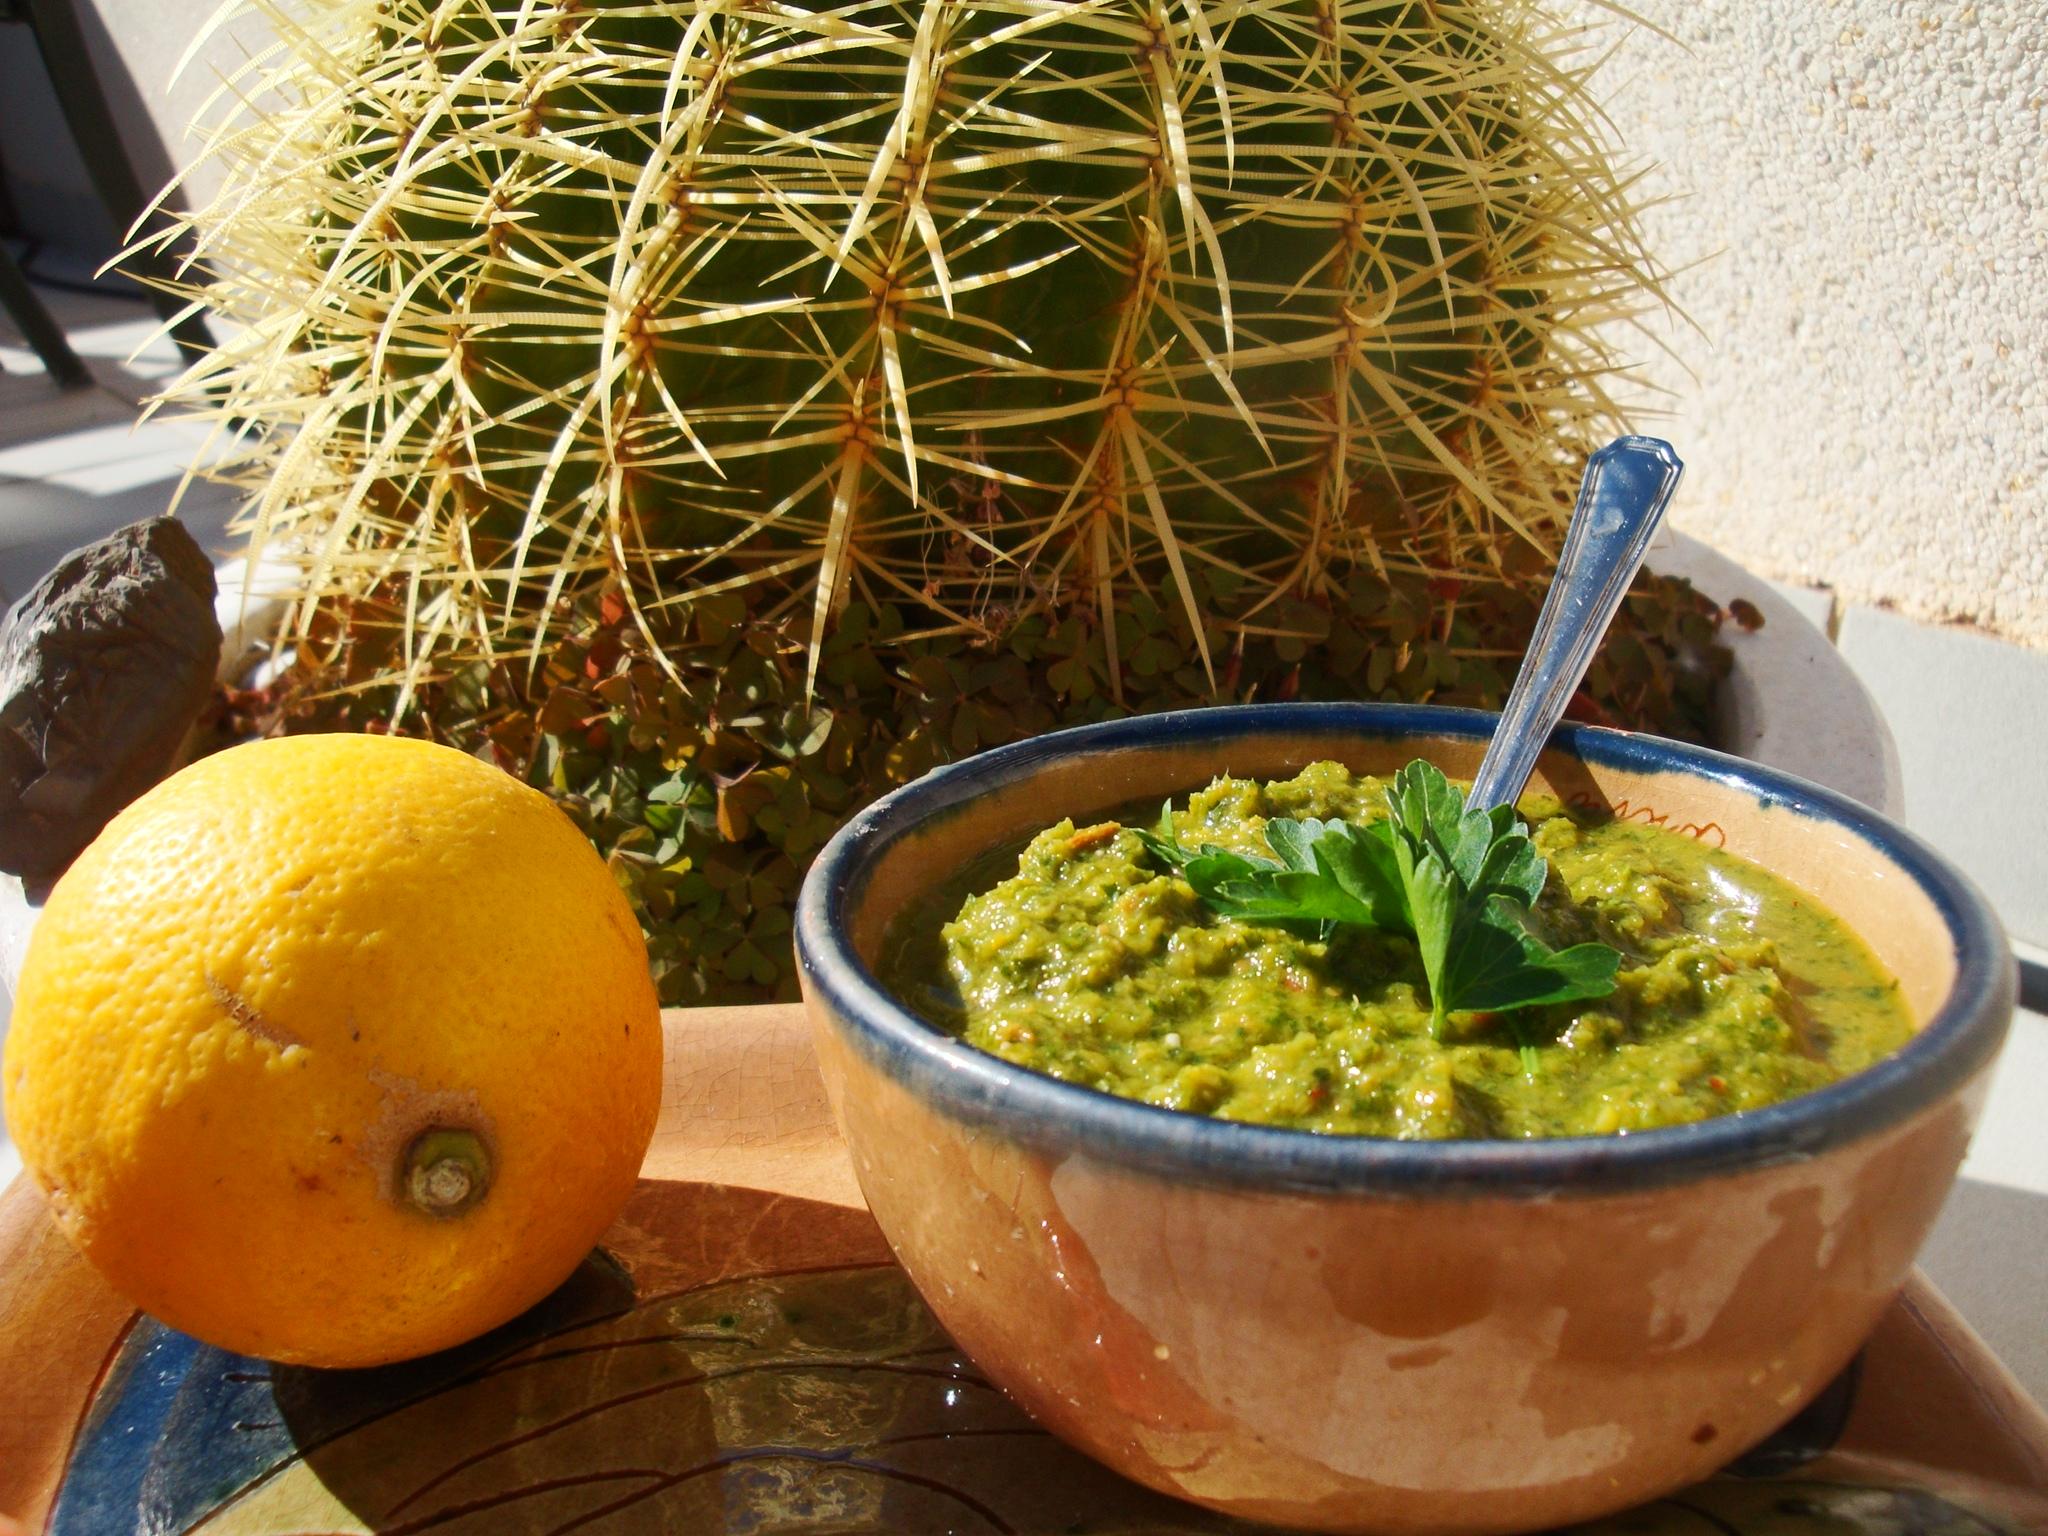 Natural Diuretic Foods For Pregnancy